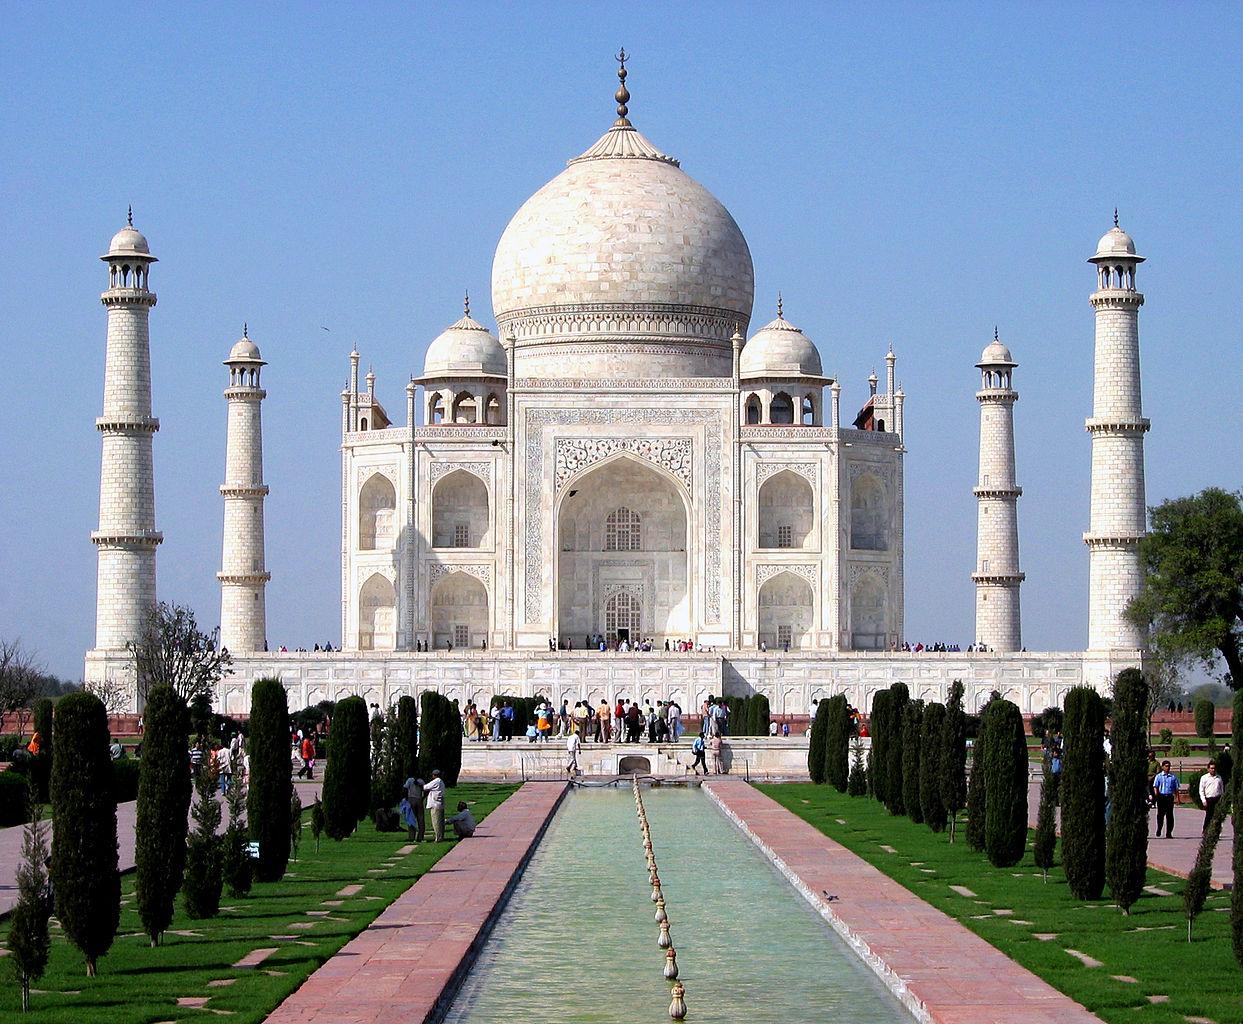 1243px-Taj_Mahal_in_March_2004